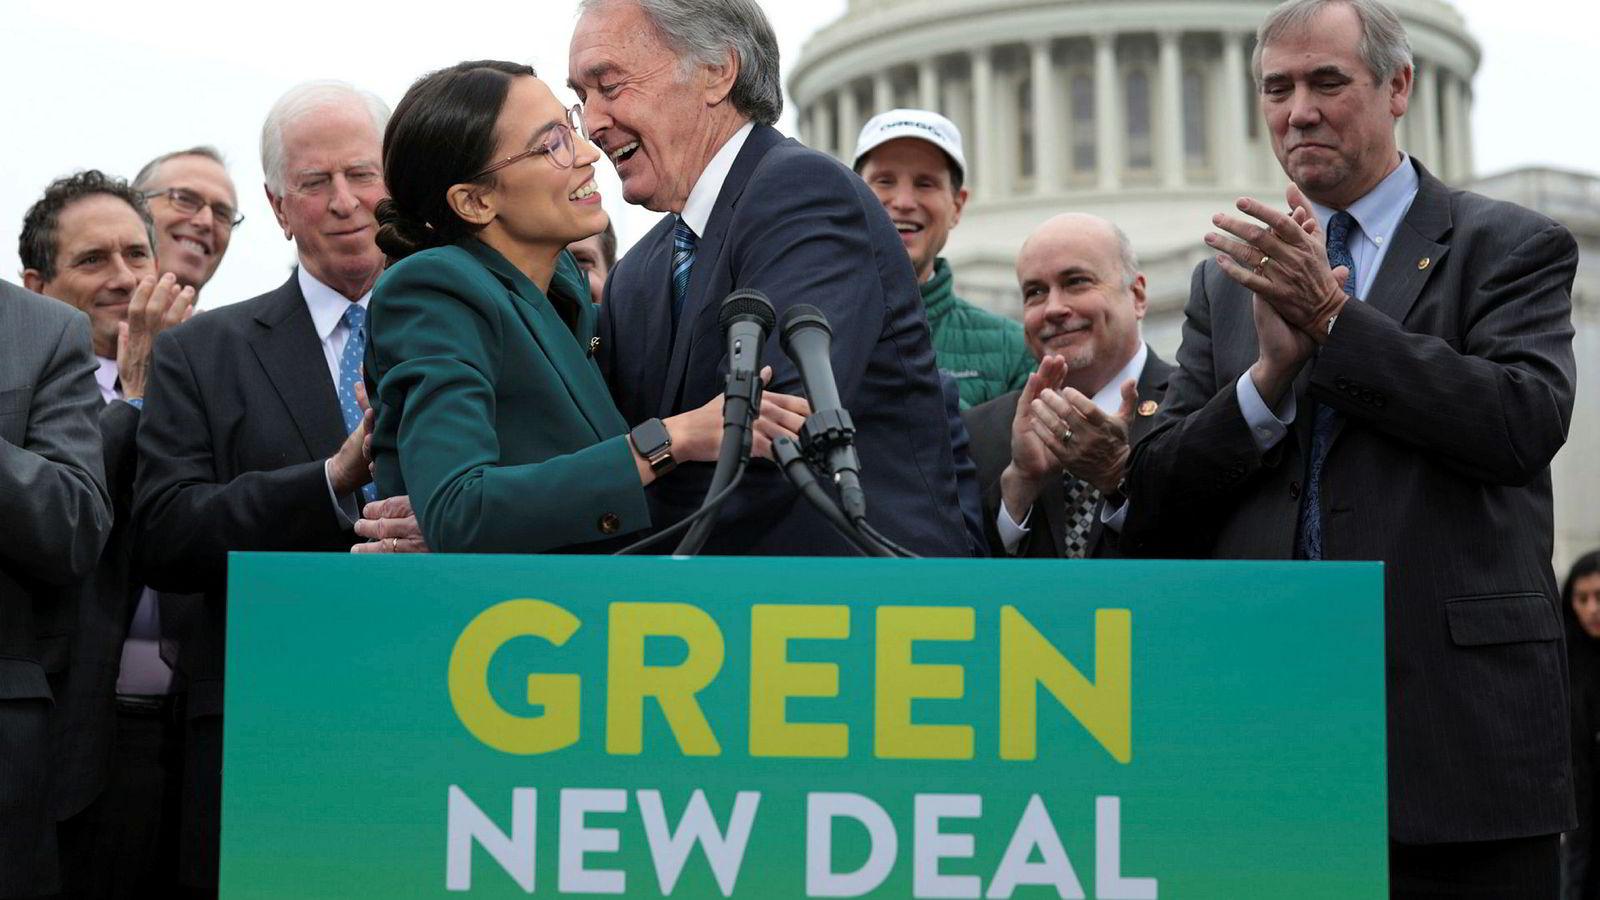 Senator Ed Markey omfavner representant Alexandria Ocasio-Cortez på en pressekonferanse foran Capitol Hill i forbindelse med fremleggelsen av Demokratenes klimaplan Green New Deal.